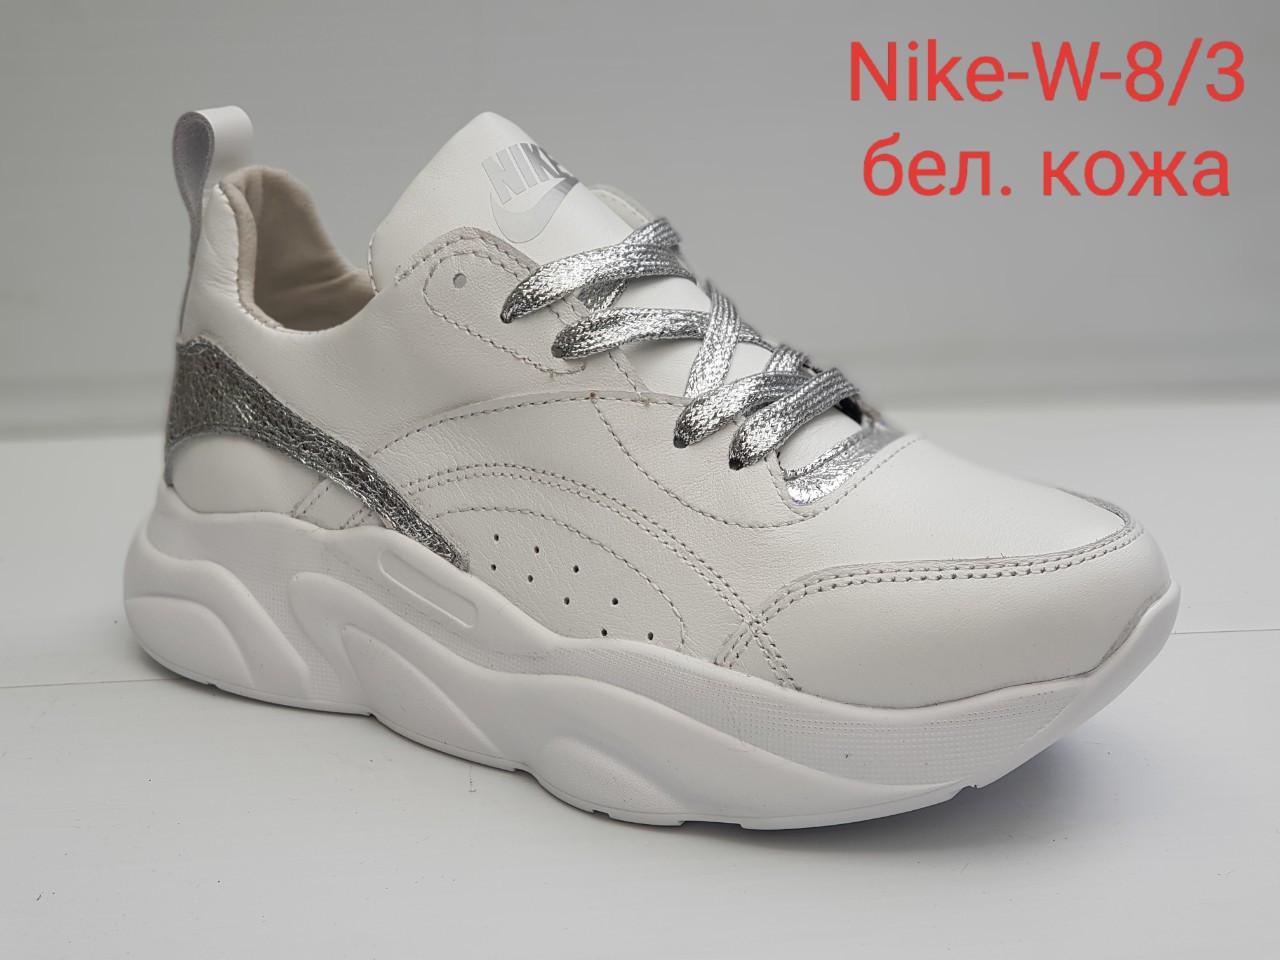 Кроссовки Nike-W-8/3 белая кожа